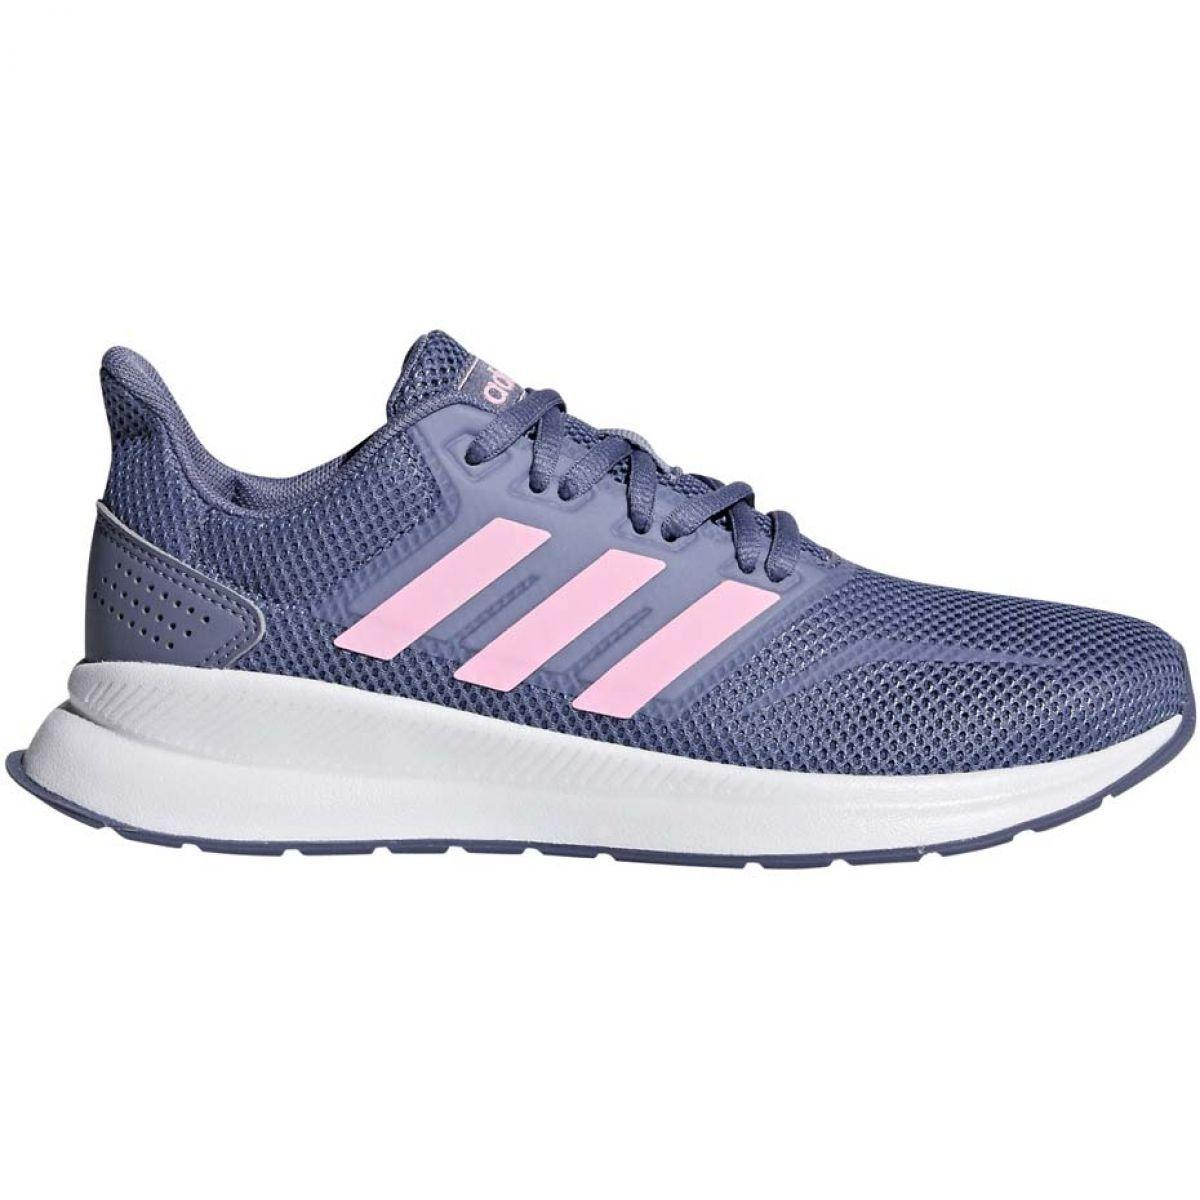 Buty Biegowe Adidas Falcon K Jr F36541 Fioletowe Kids Running Shoes Adidas Running Shoes Adidas Running Shoes Women